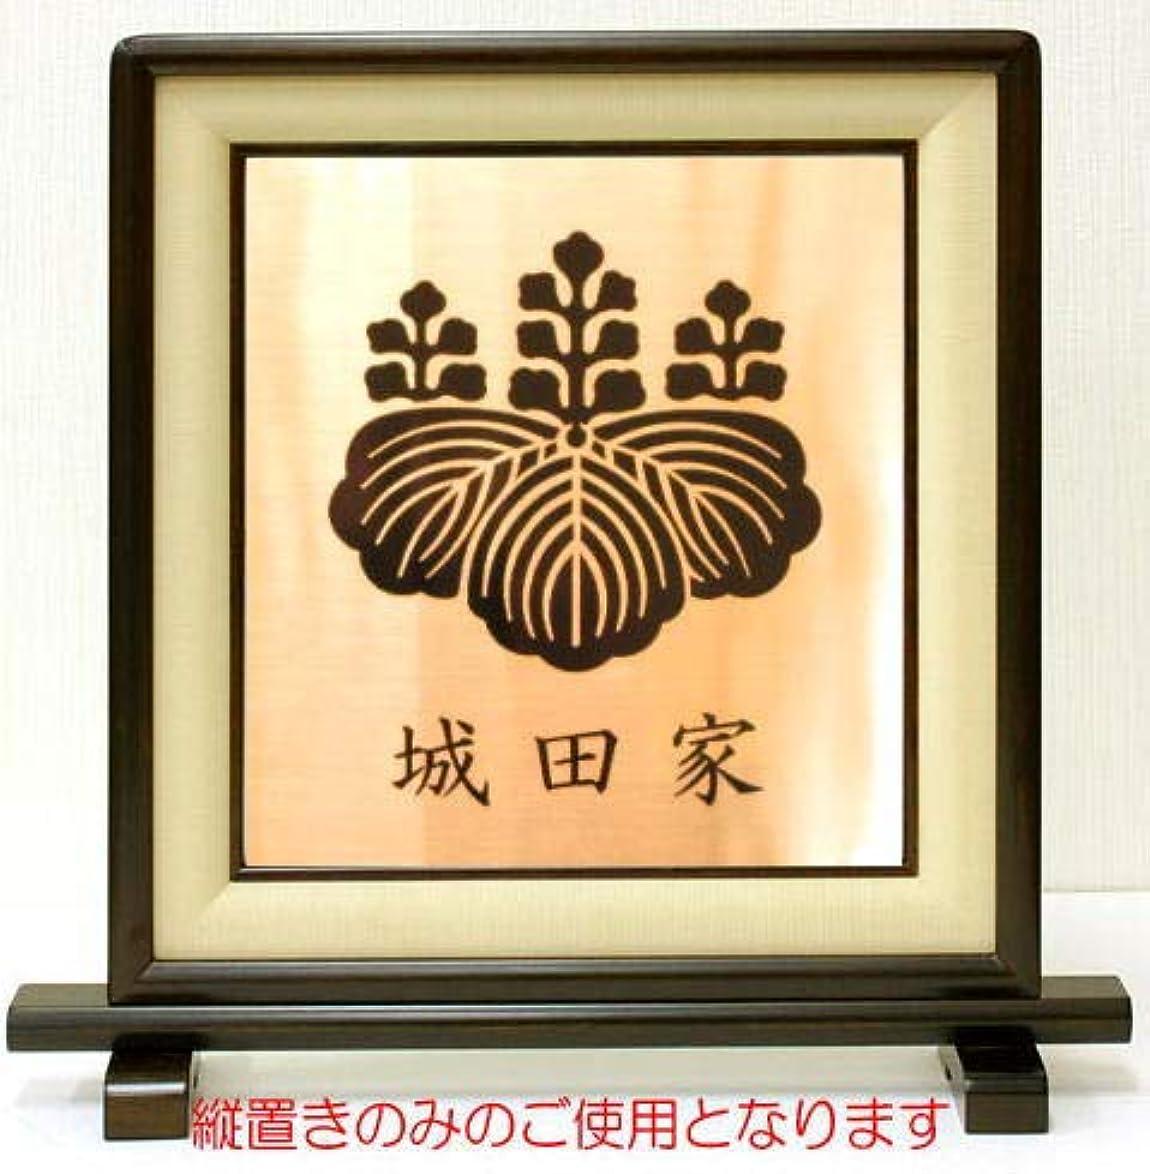 恩赦ペデスタル最大化する家紋 家紋額 銅ブロンズ使用 インテリア家紋額 オリジナル家紋額 お祝い プレゼント 贈り物